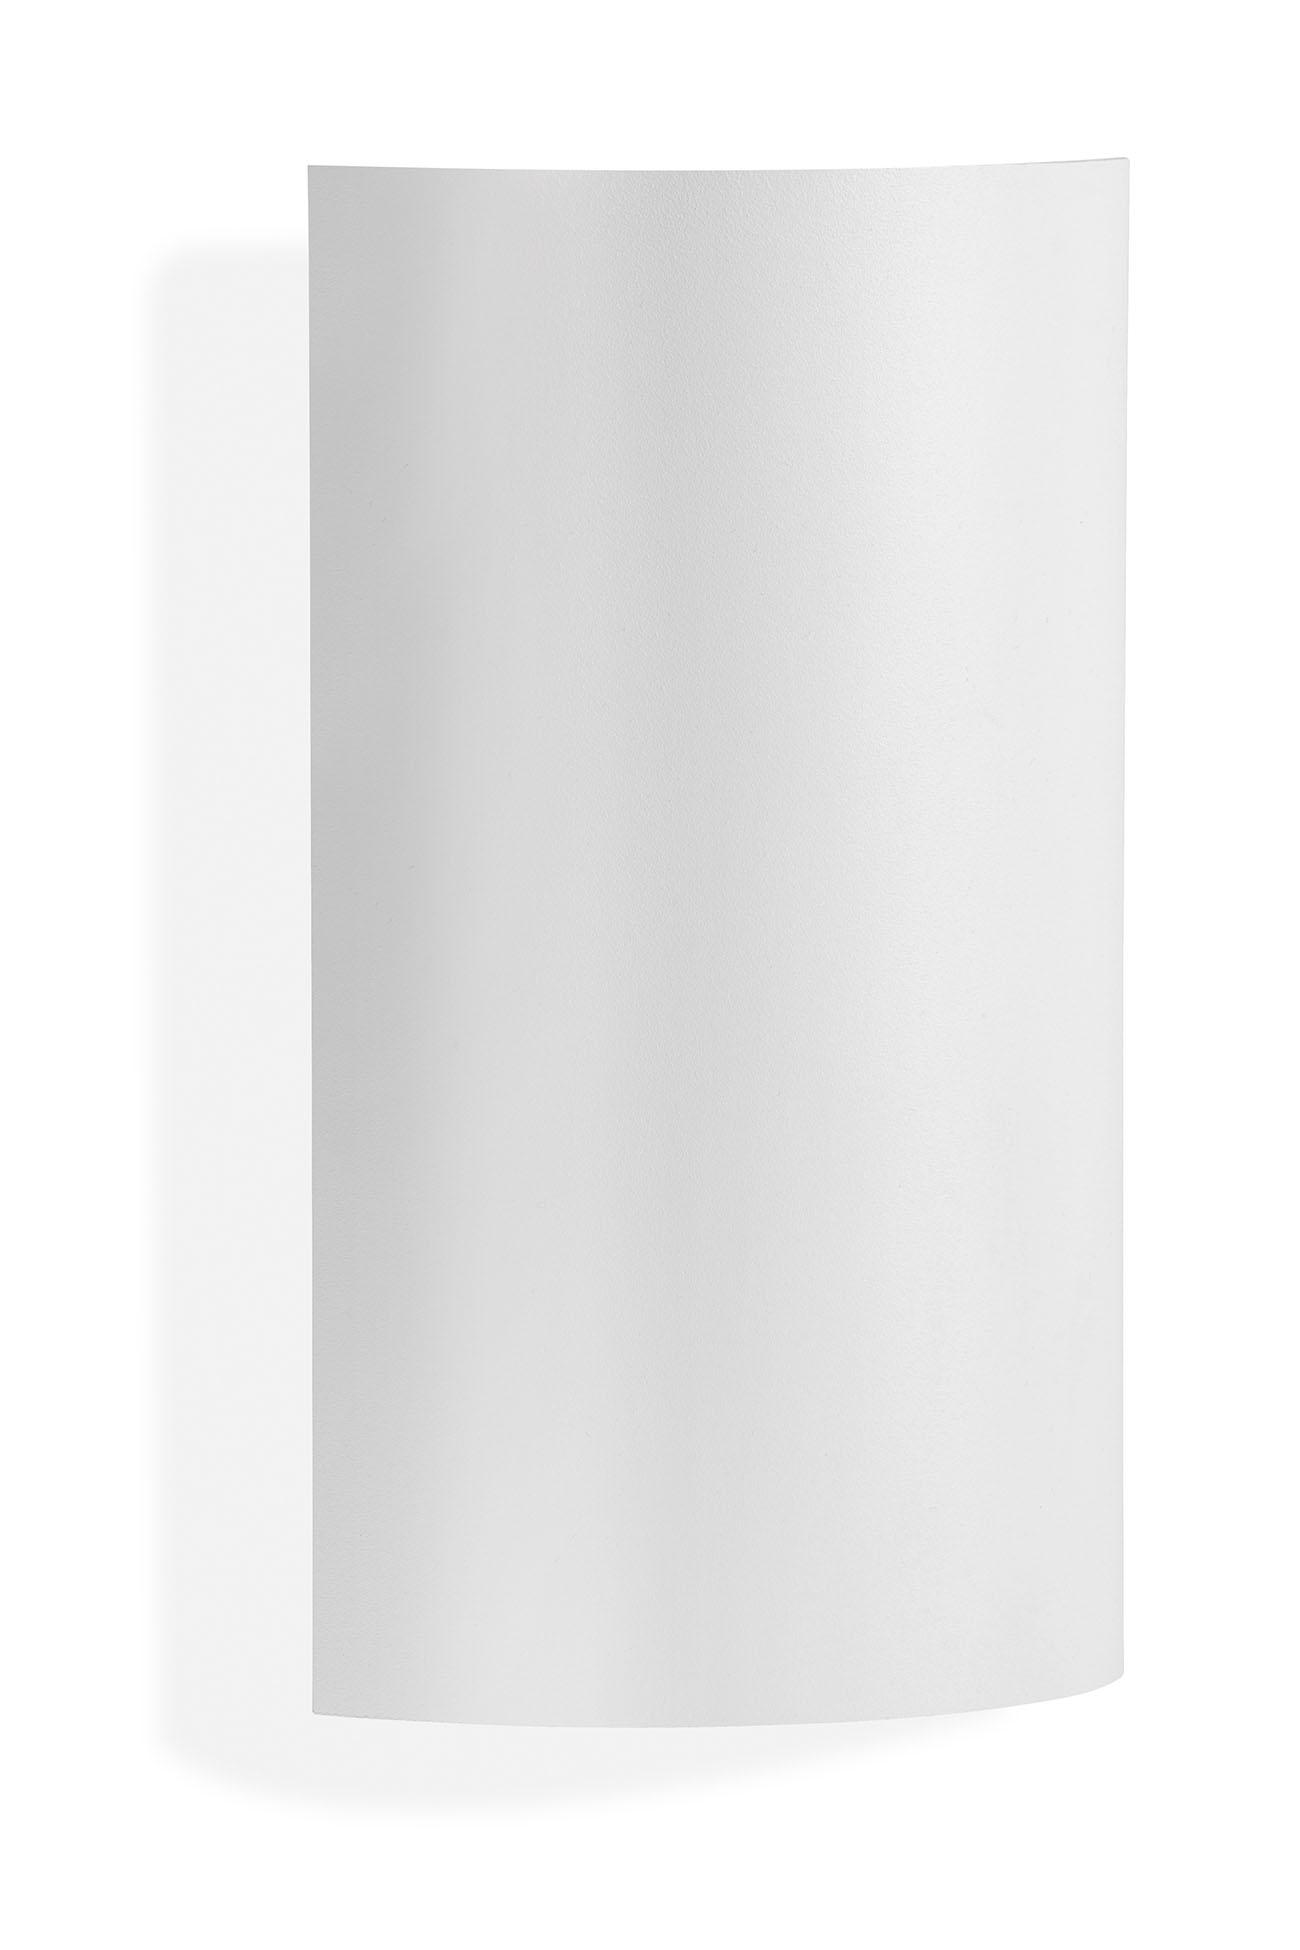 TELEFUNKEN LED Aussenwandleuchte, 20 cm, 6 W, Weiss